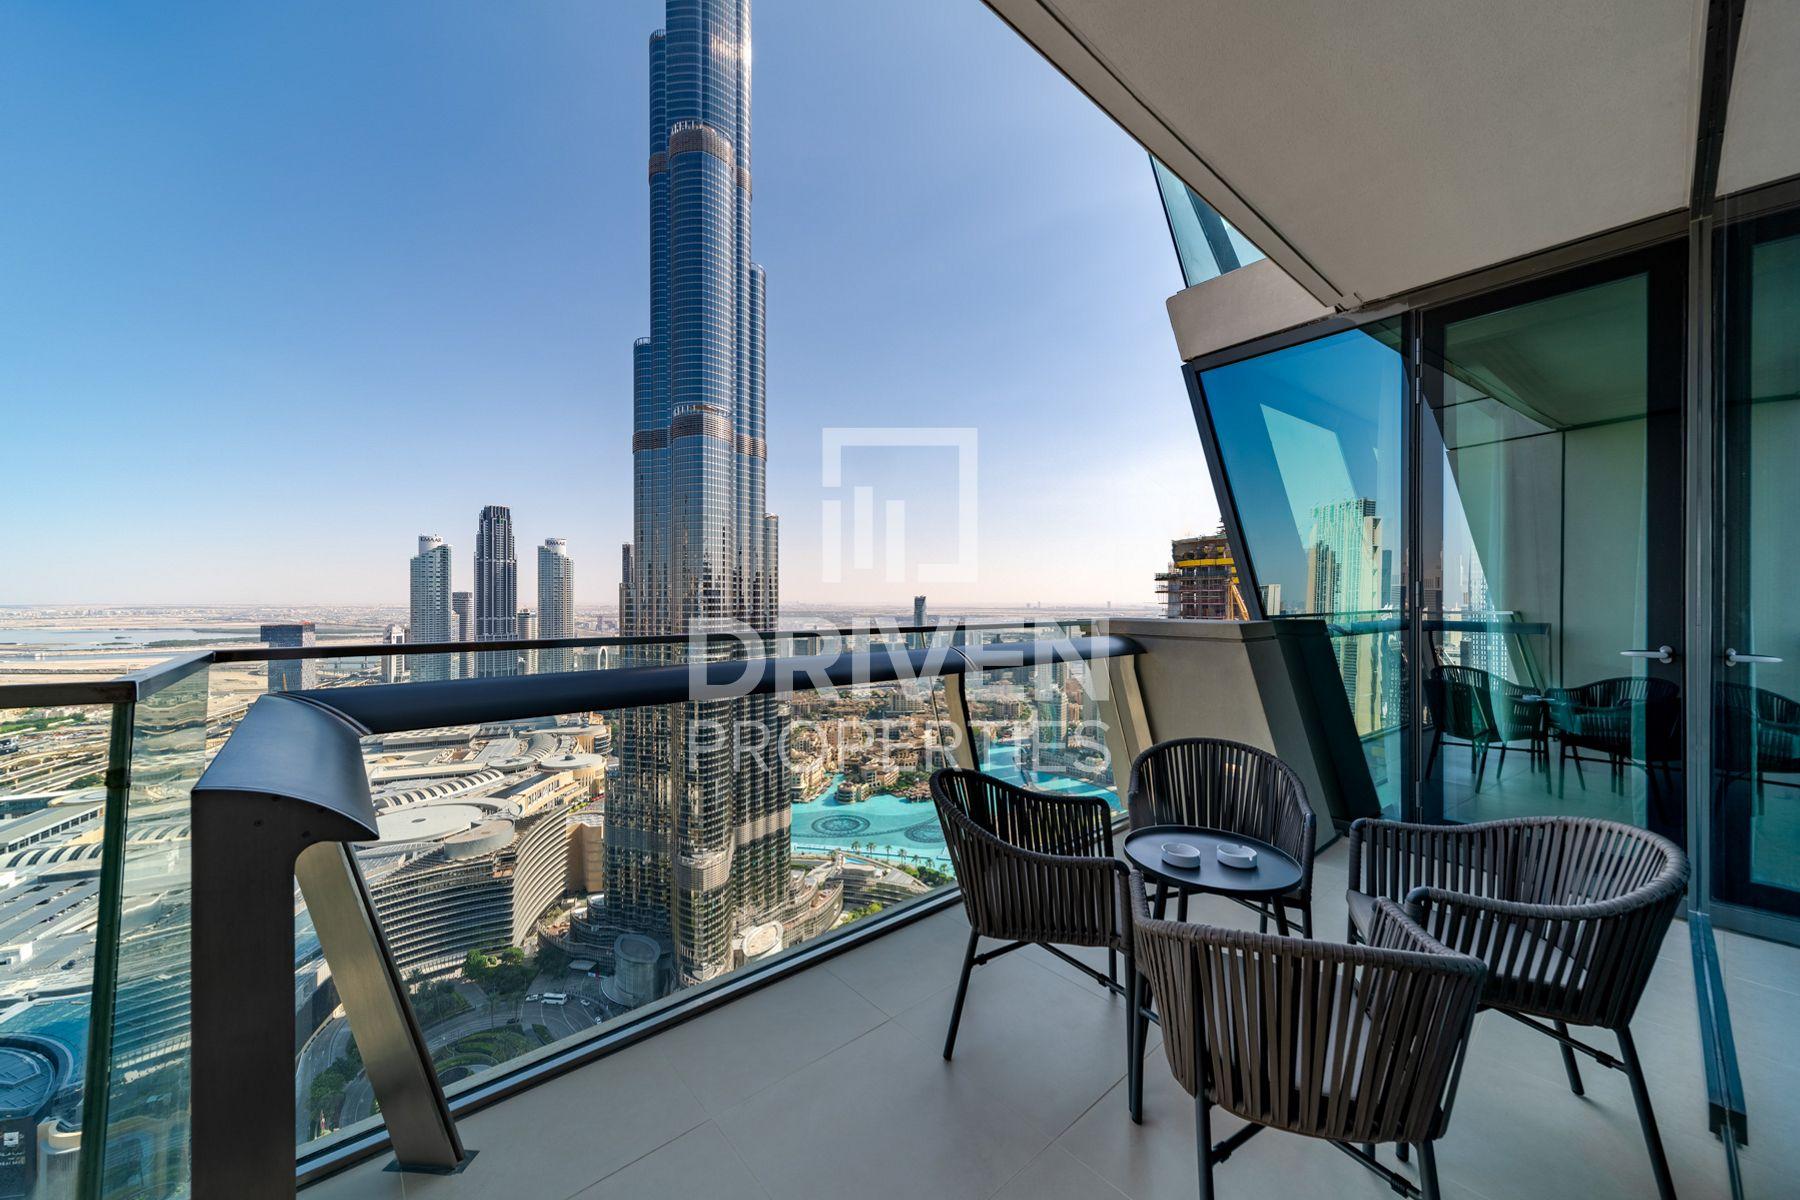 2,109 قدم مربع  شقة - للبيع - دبي وسط المدينة